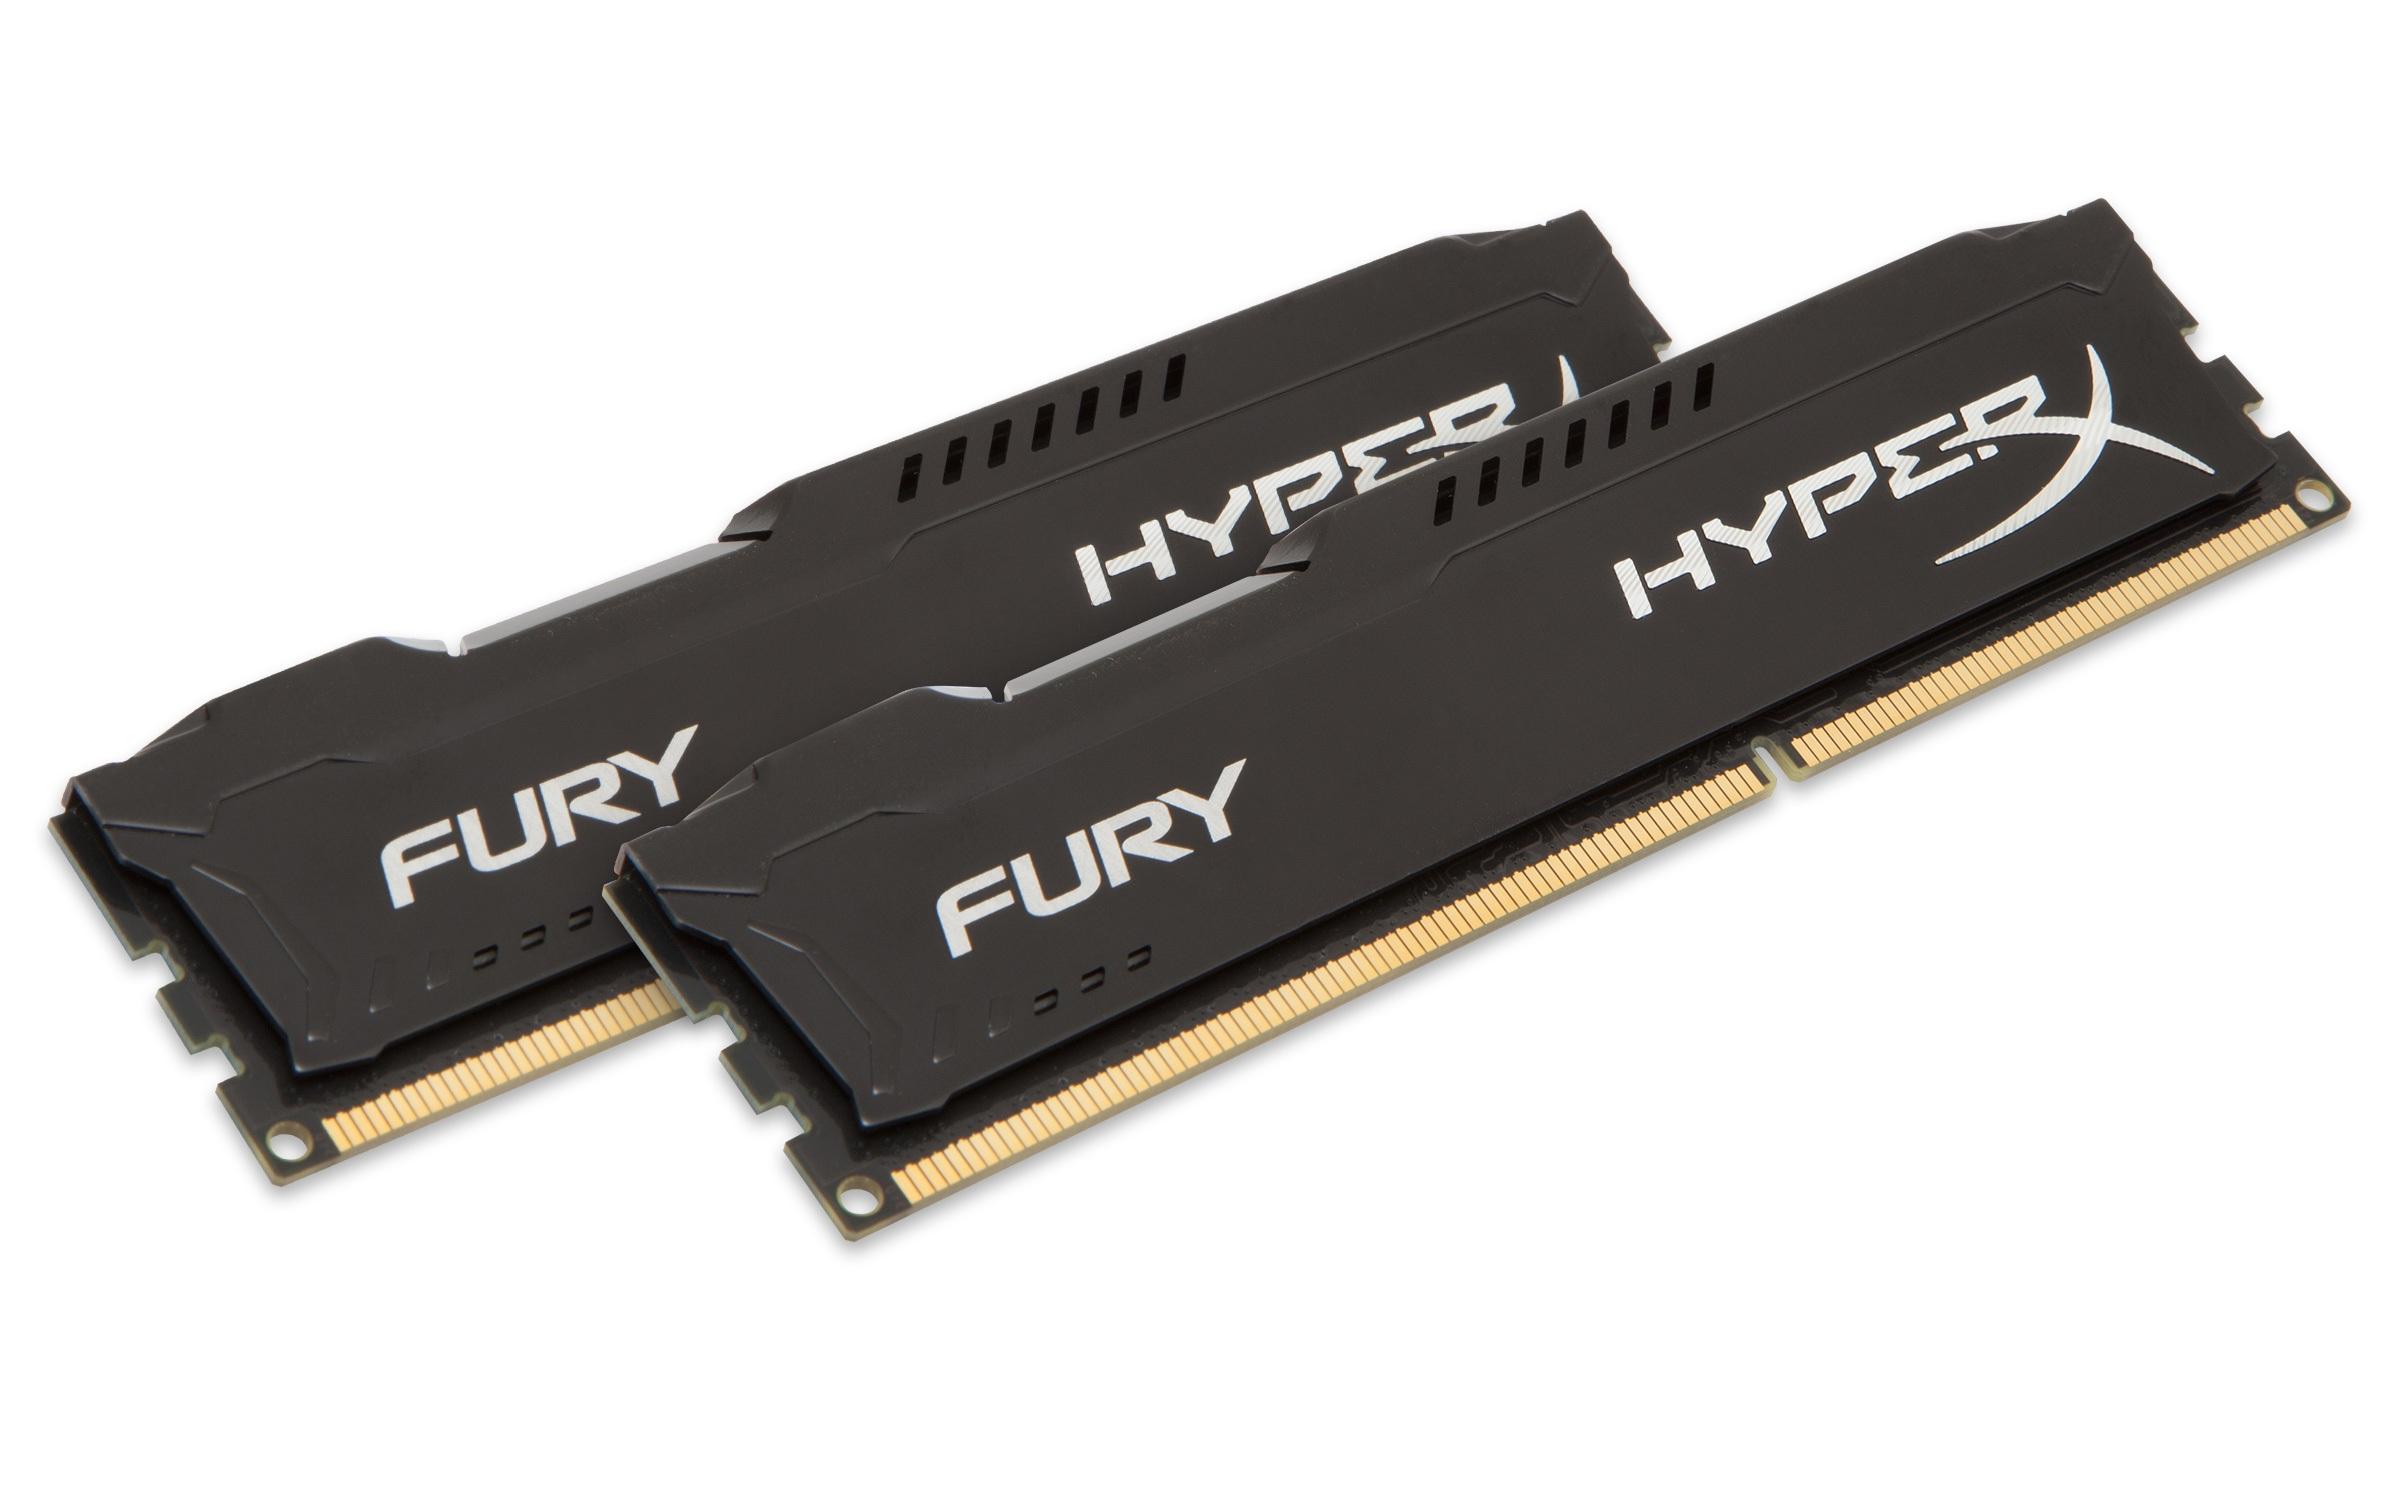 HyperX FURY Black 16GB 1600MHz DDR3 16GB DDR3 1600MHz memory module